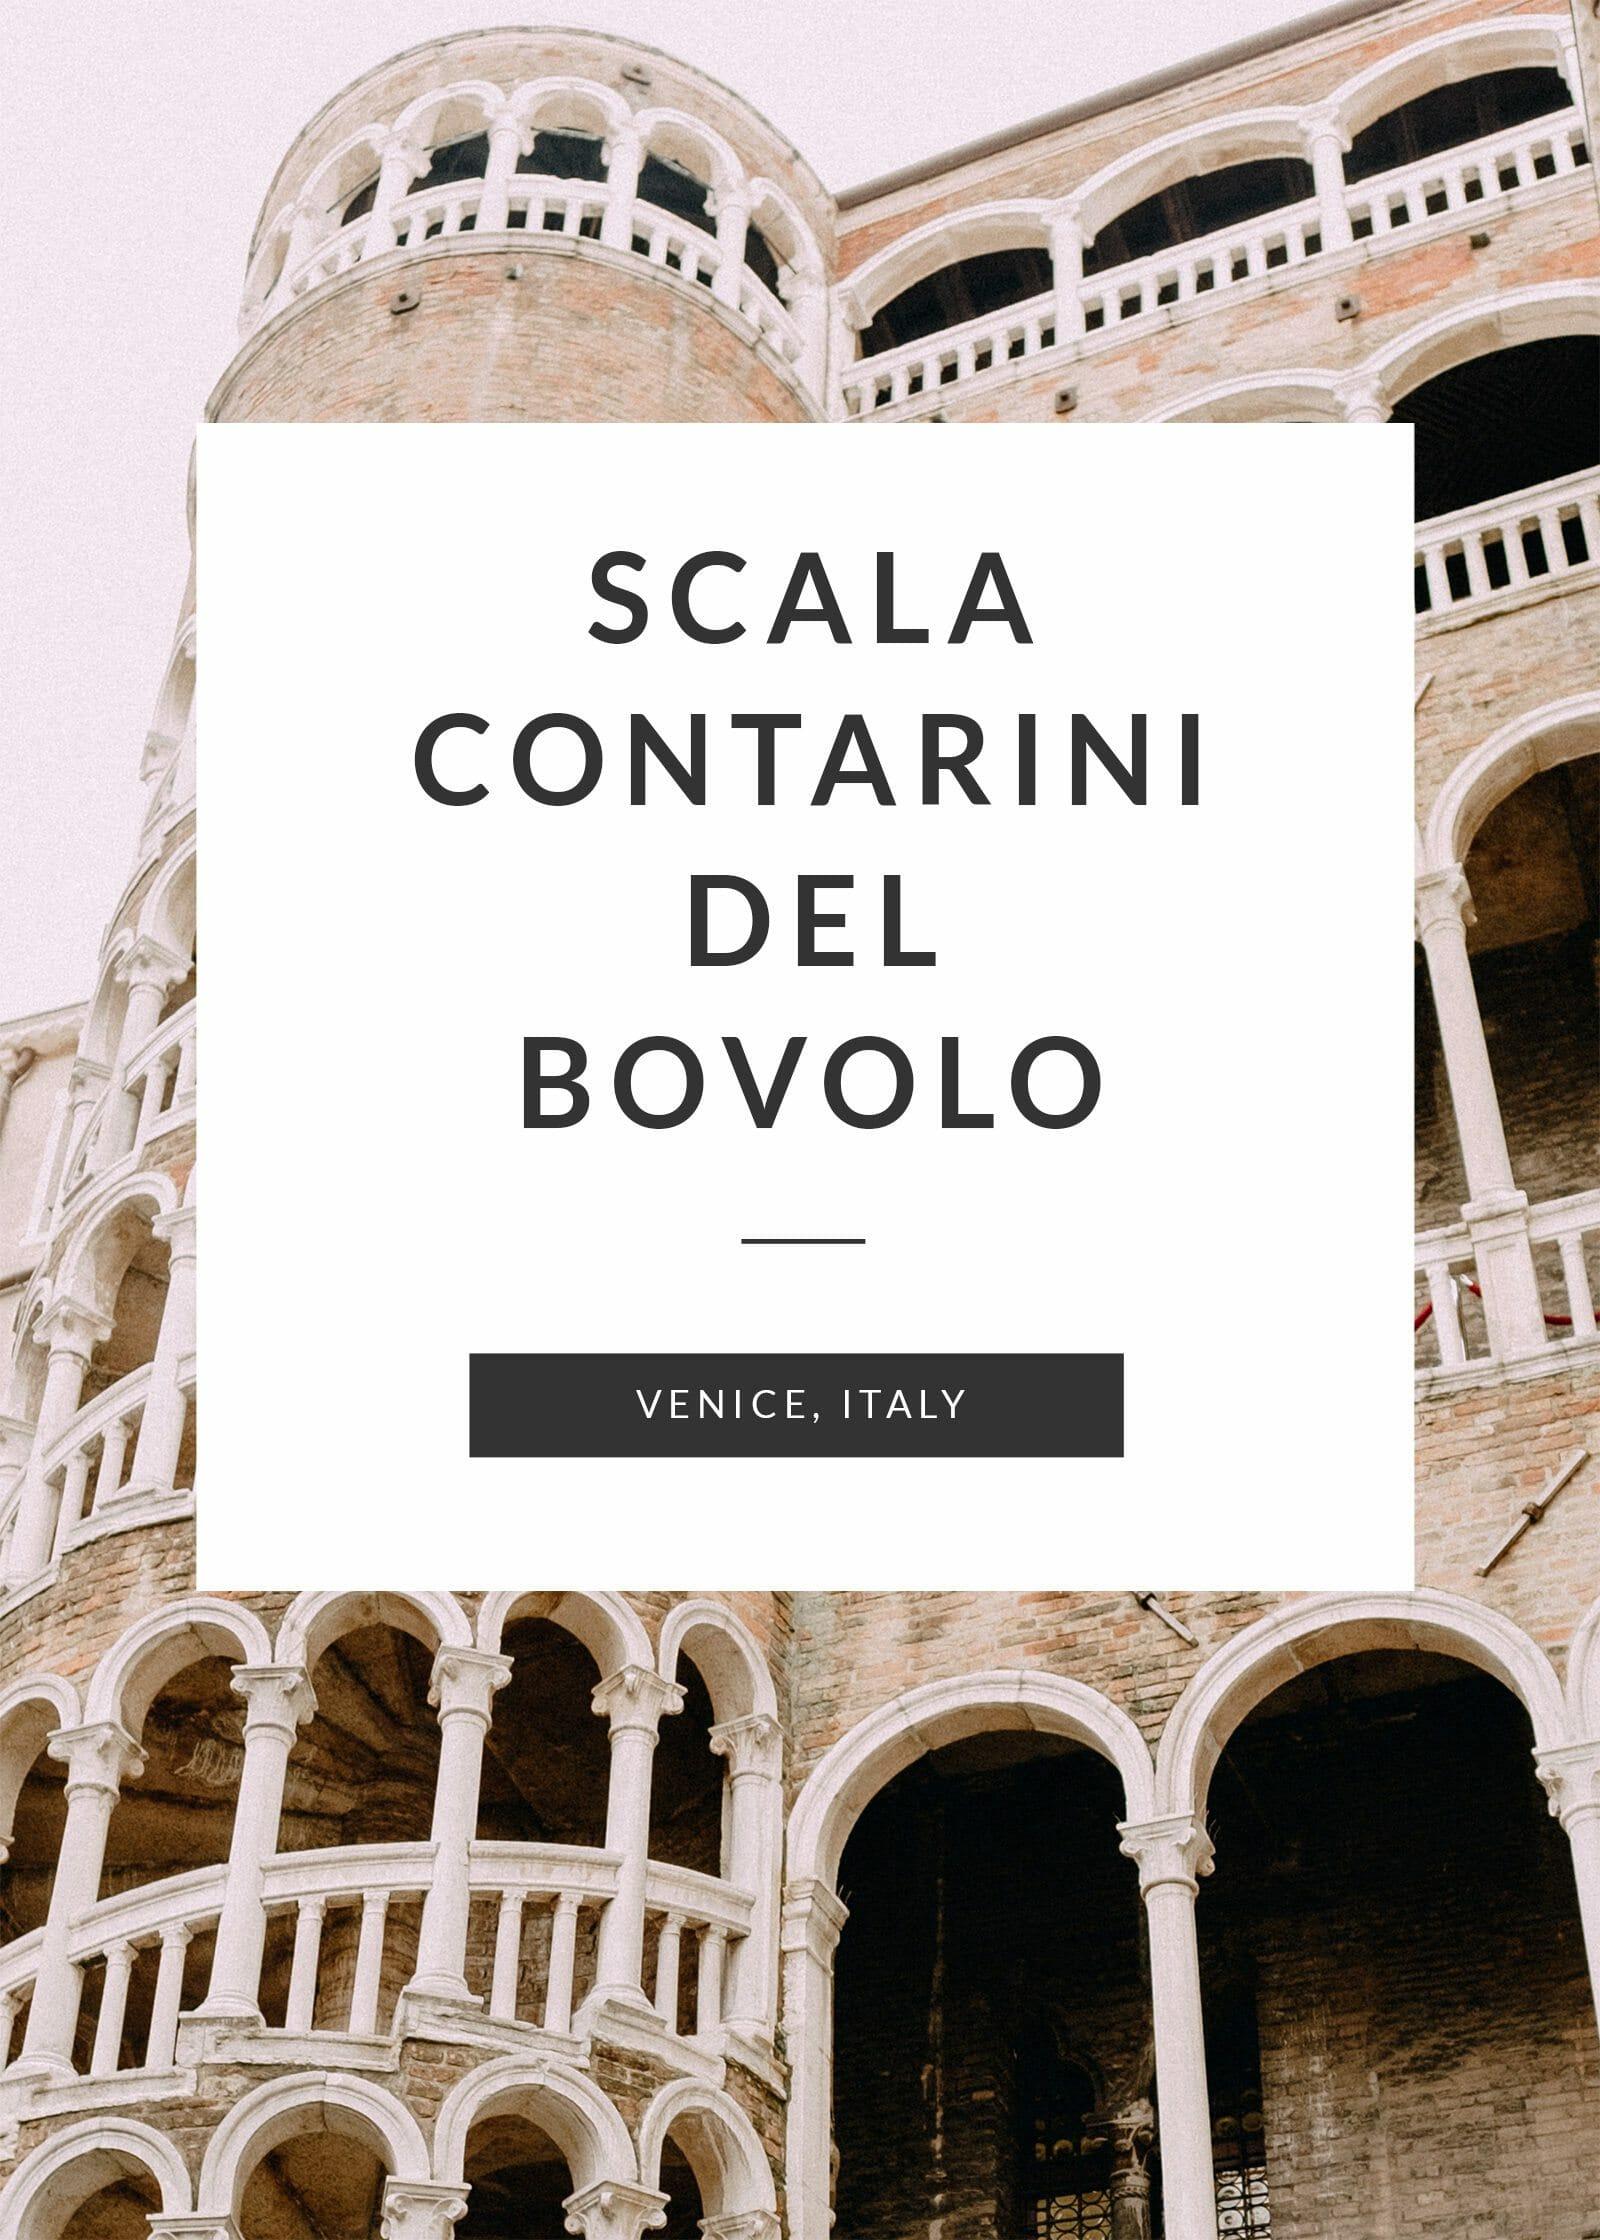 Scala Contarini del Bovolo in Venice, Italy